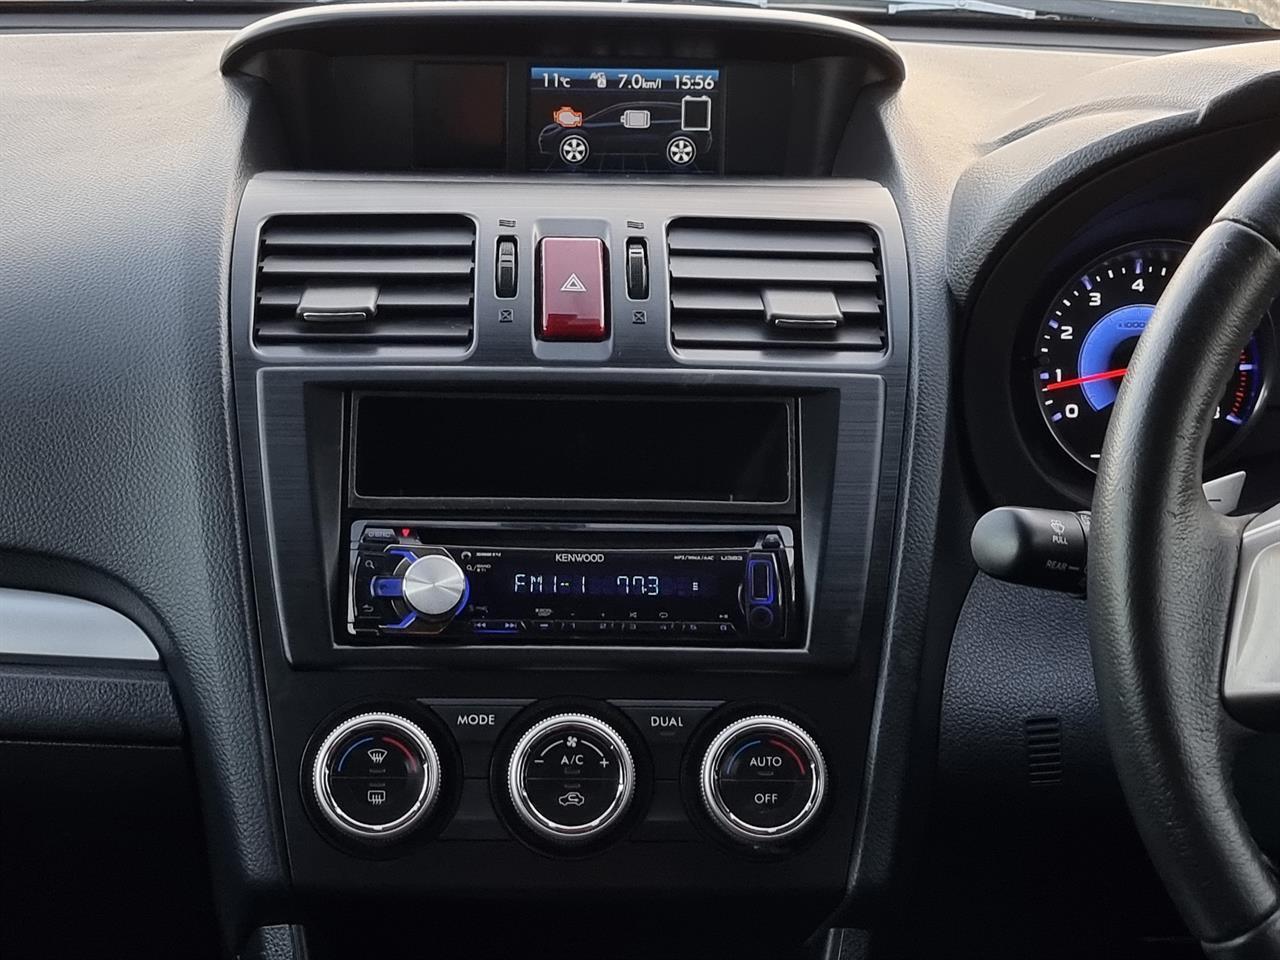 image-13, 2014 Subaru XV Hybrid 4WD at Christchurch